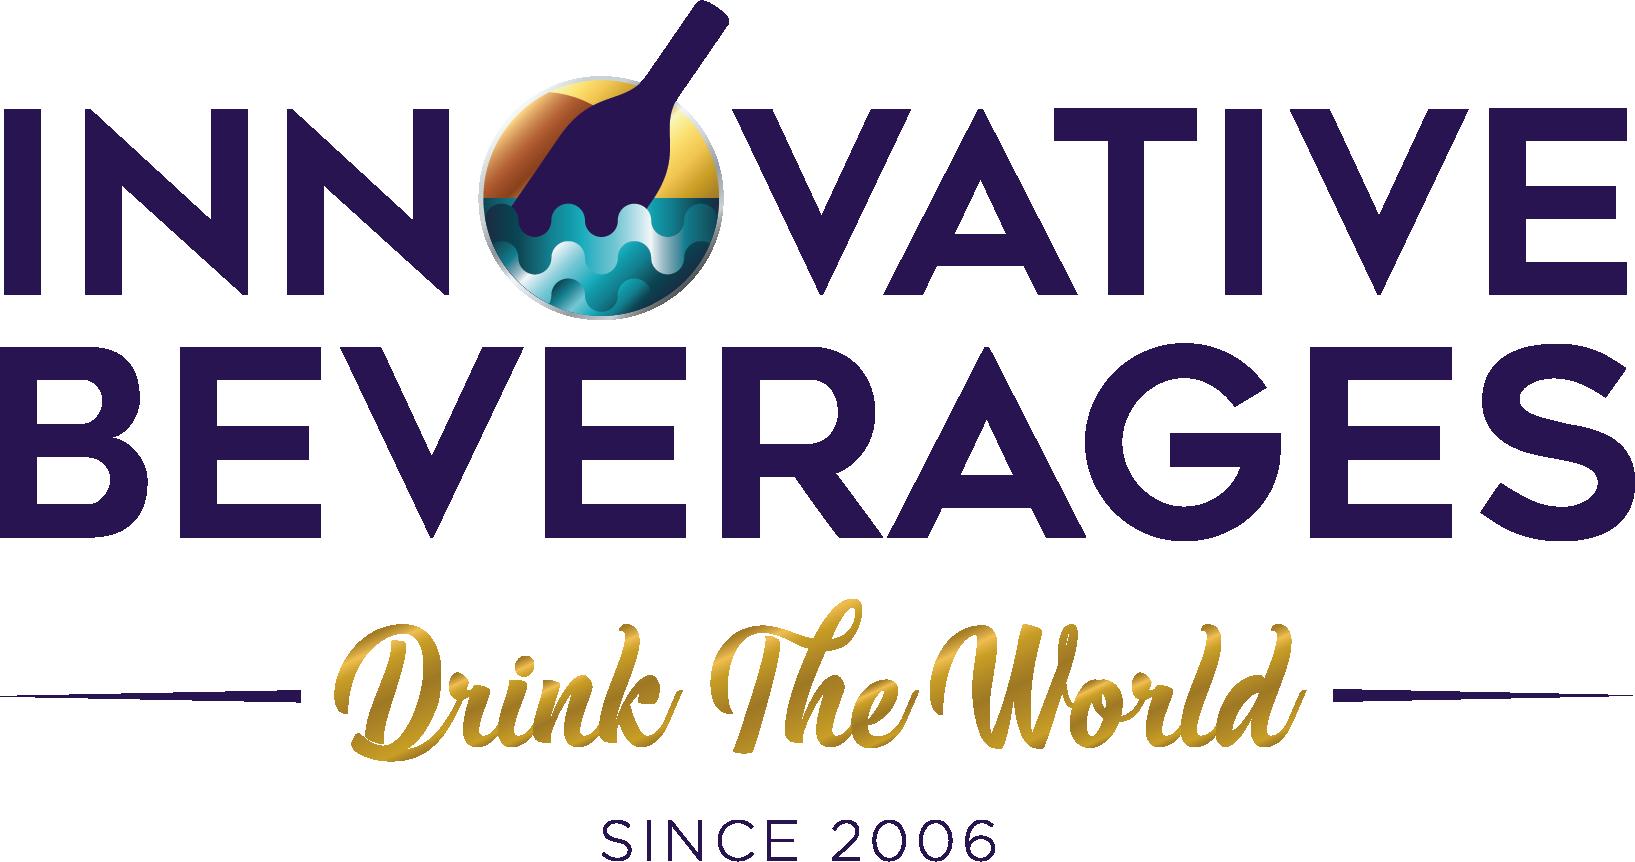 Innovative Beverages